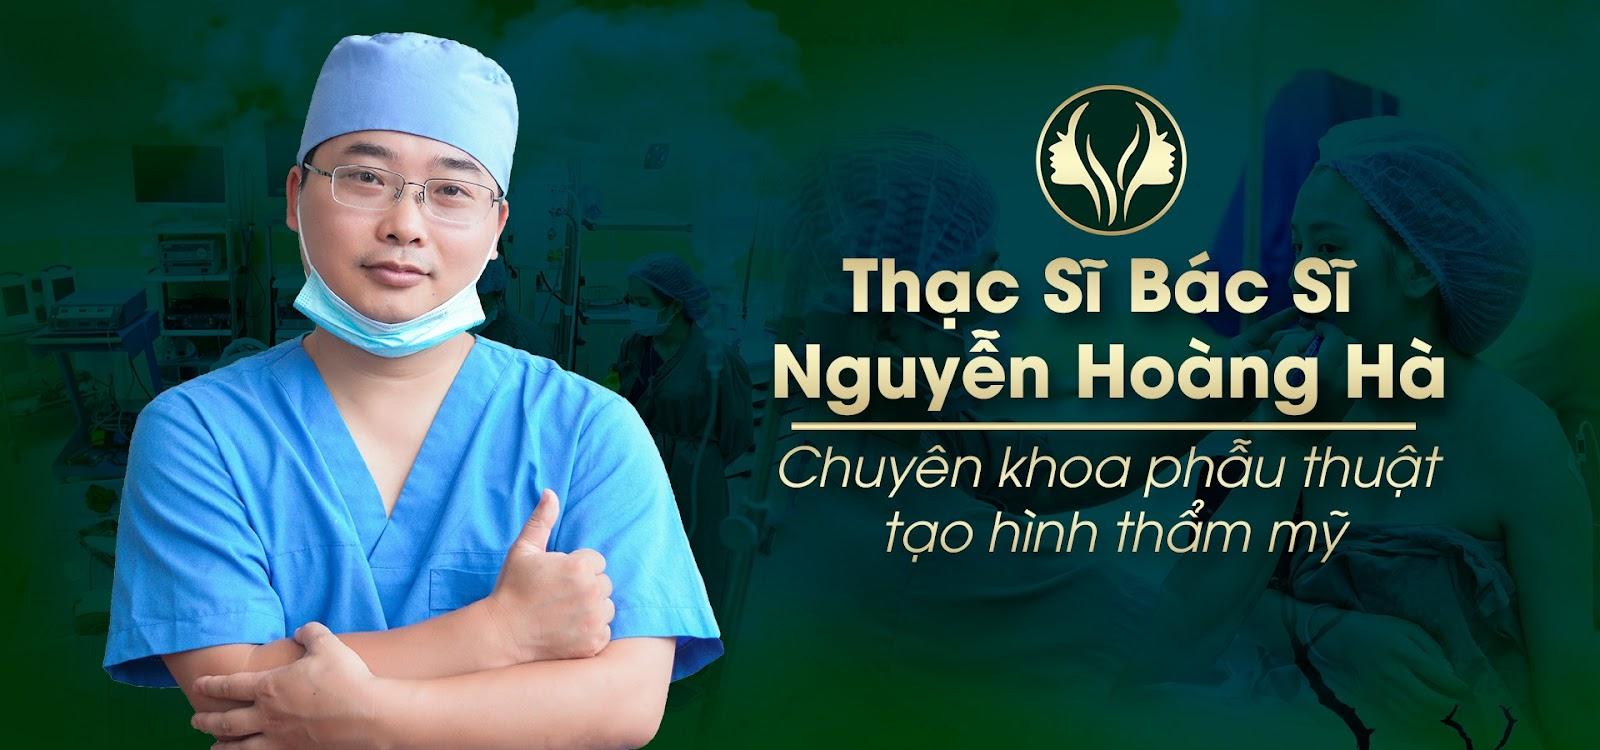 Trực tiếp ThS.BS Nguyễn Hoàng Hà tư vấn phẫu thuật khi khách hàng tới thăm khám trực tiếp